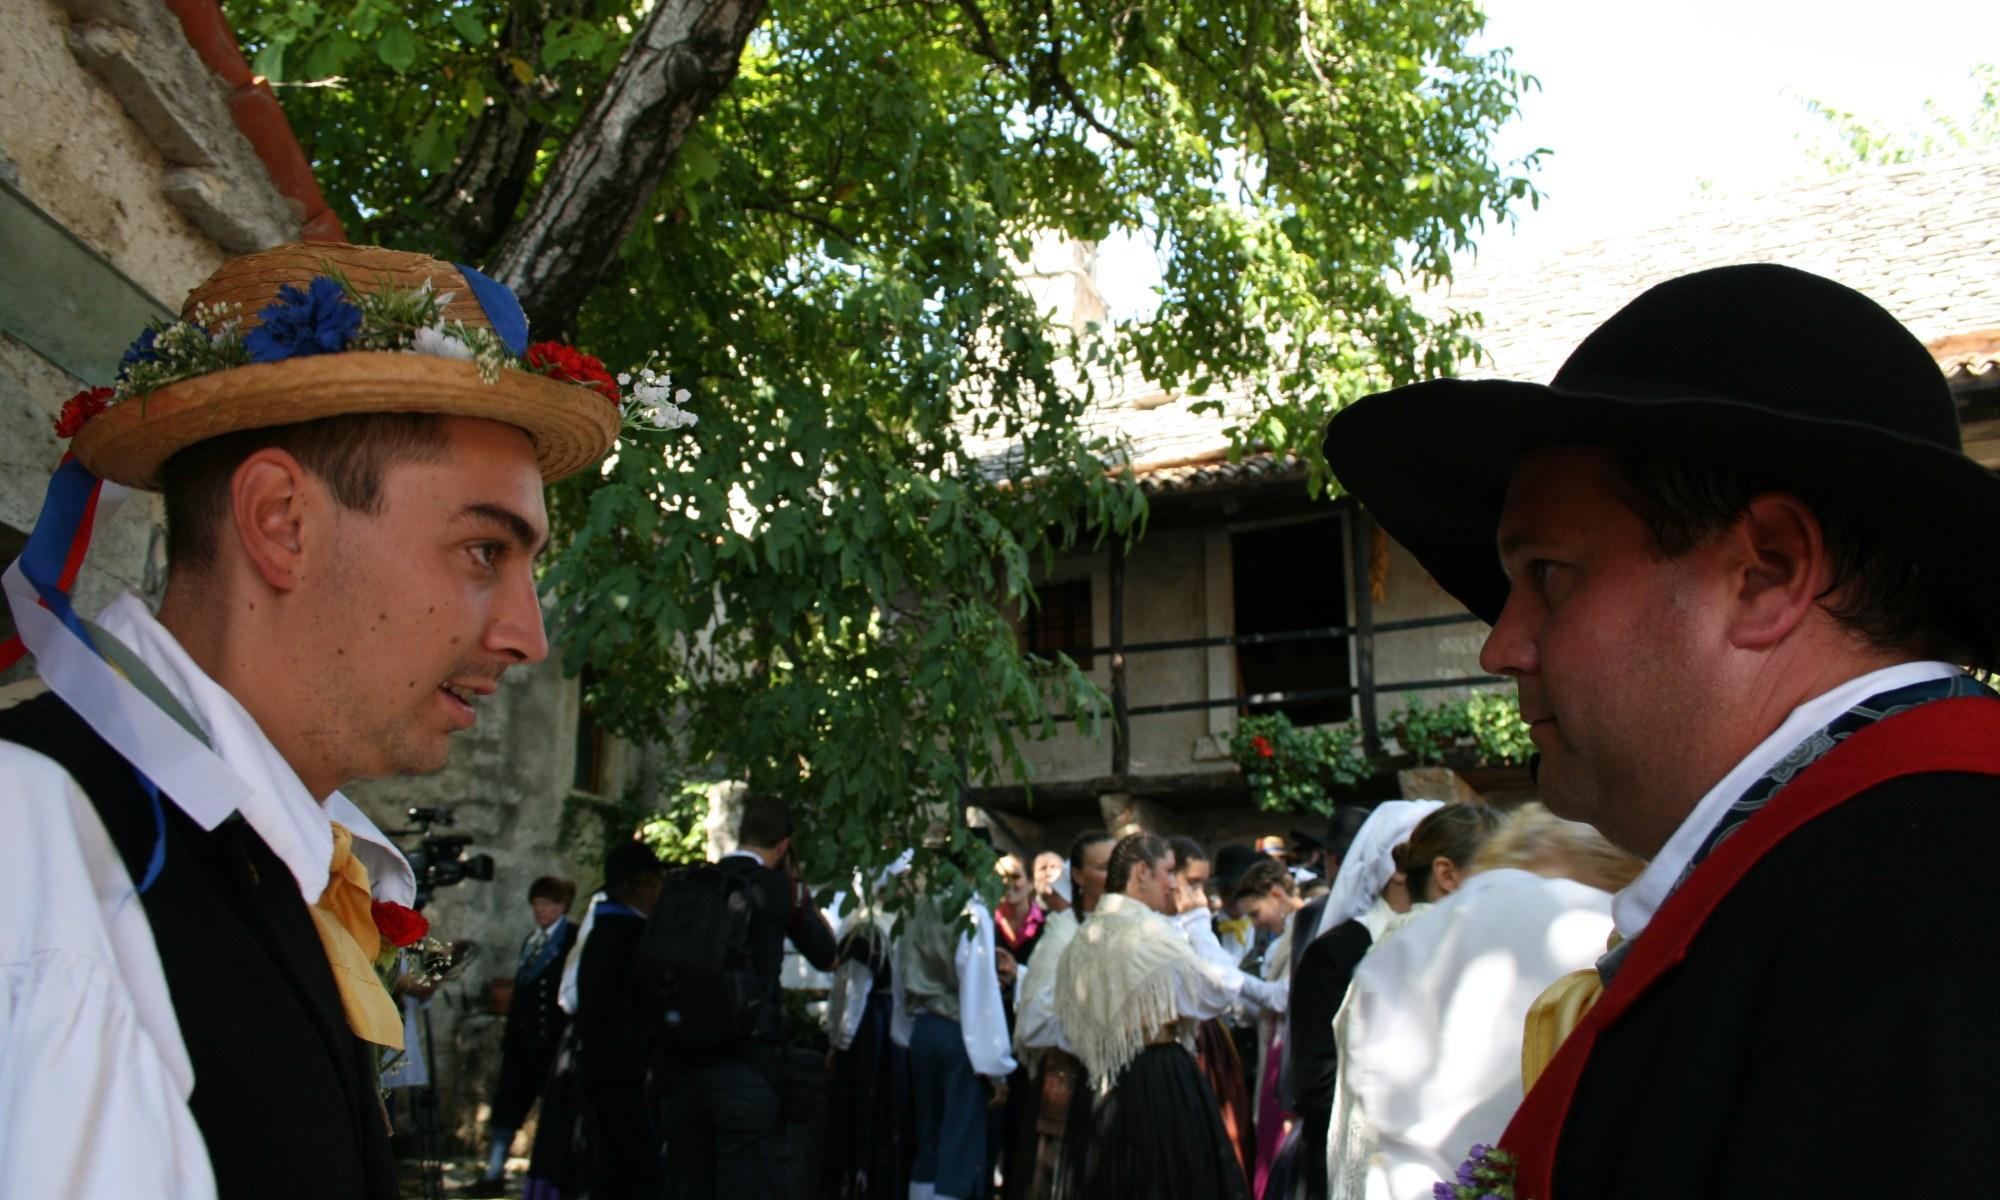 sposo delle nozze carsiche davanti la casa carsica a rupingrande